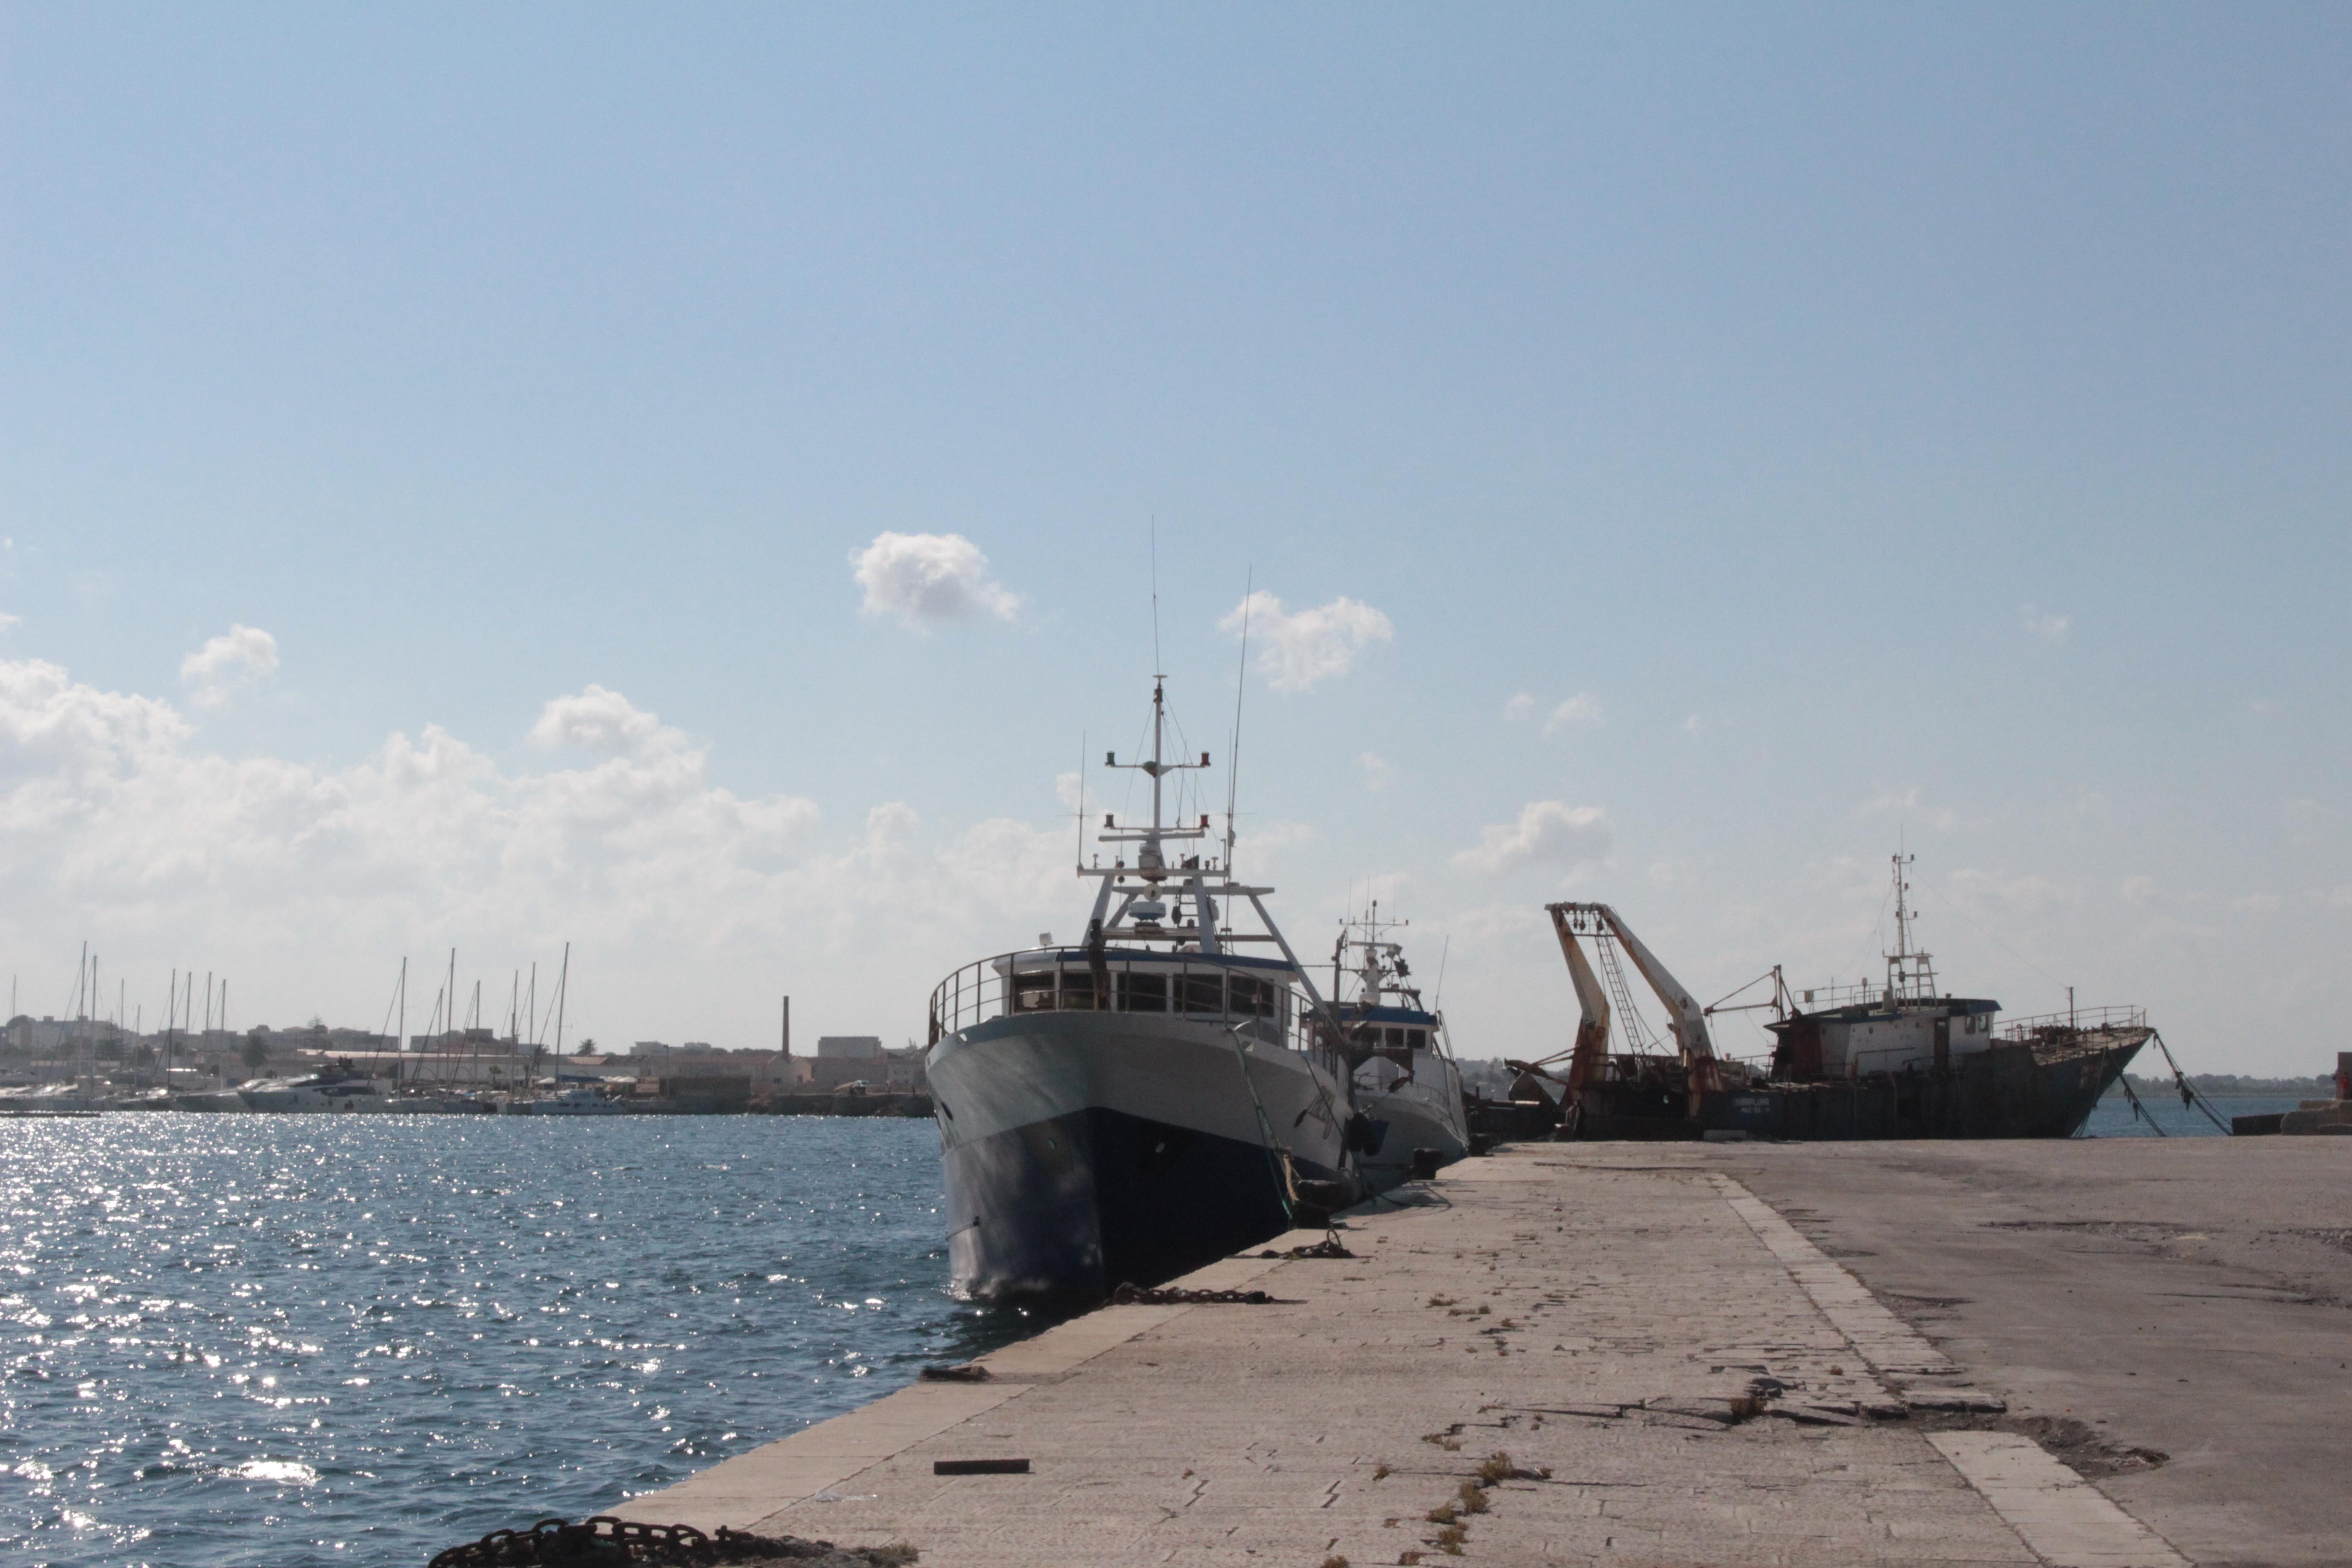 Porto di Marsala, la Regione chiede al Comune una relazione dettagliata sull'iter del progetto pubblico